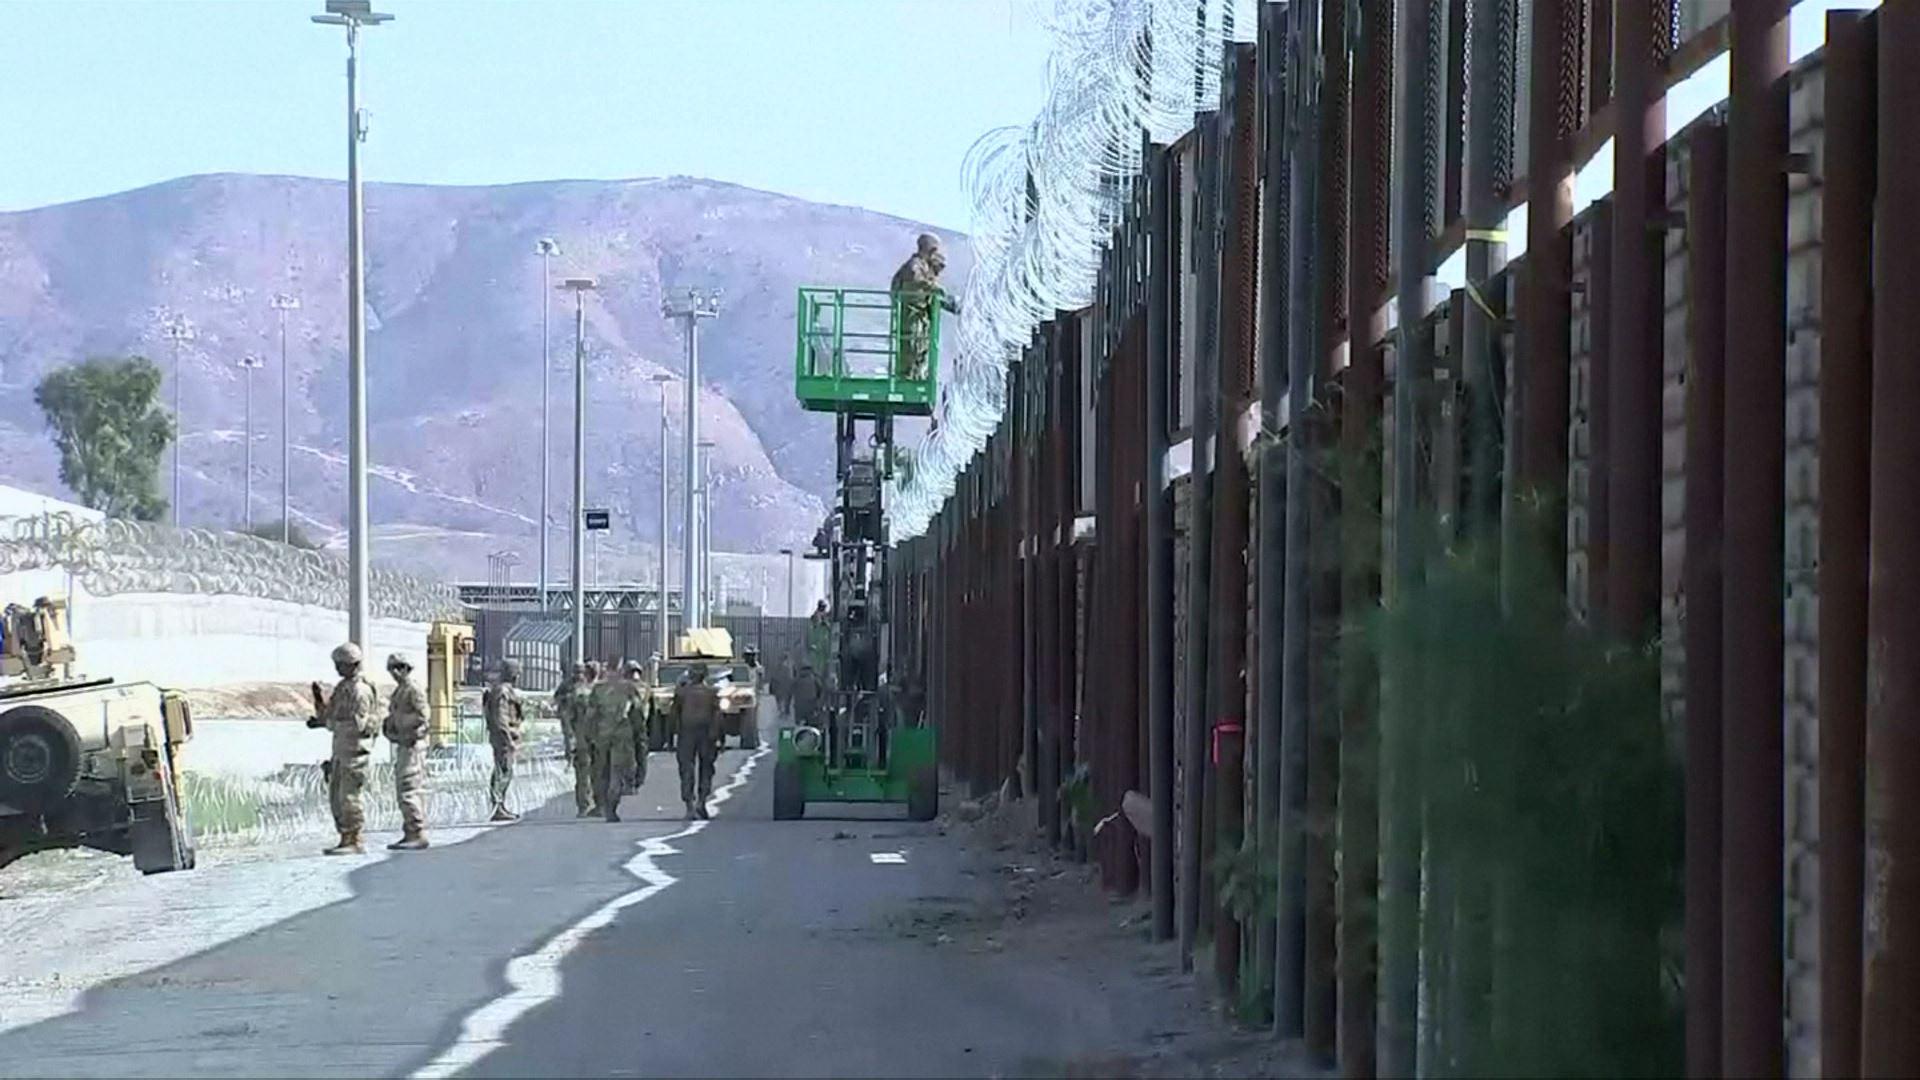 美, 주한미군 예산 줄여 멕시코 국경장벽 투입 검토